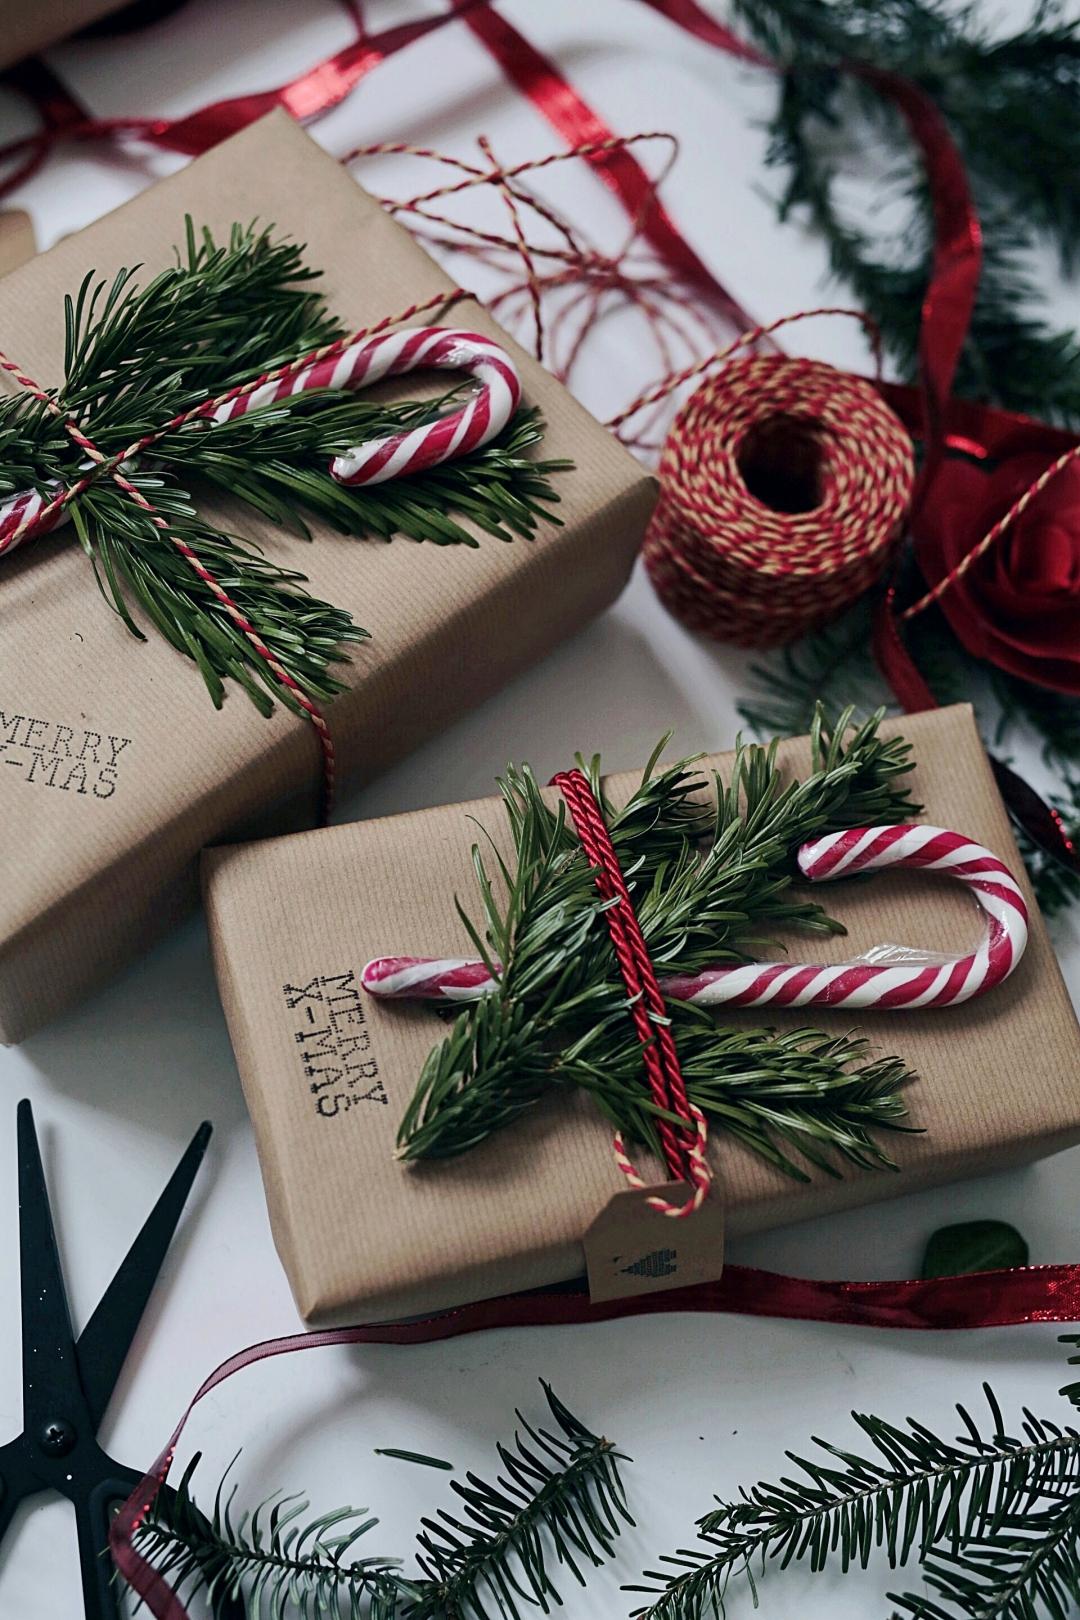 Schöne Weihnachtsgeschenke.4 Schöne Ideen Um Weihnachtsgeschenke Zu Verpacken Valeriehusemann